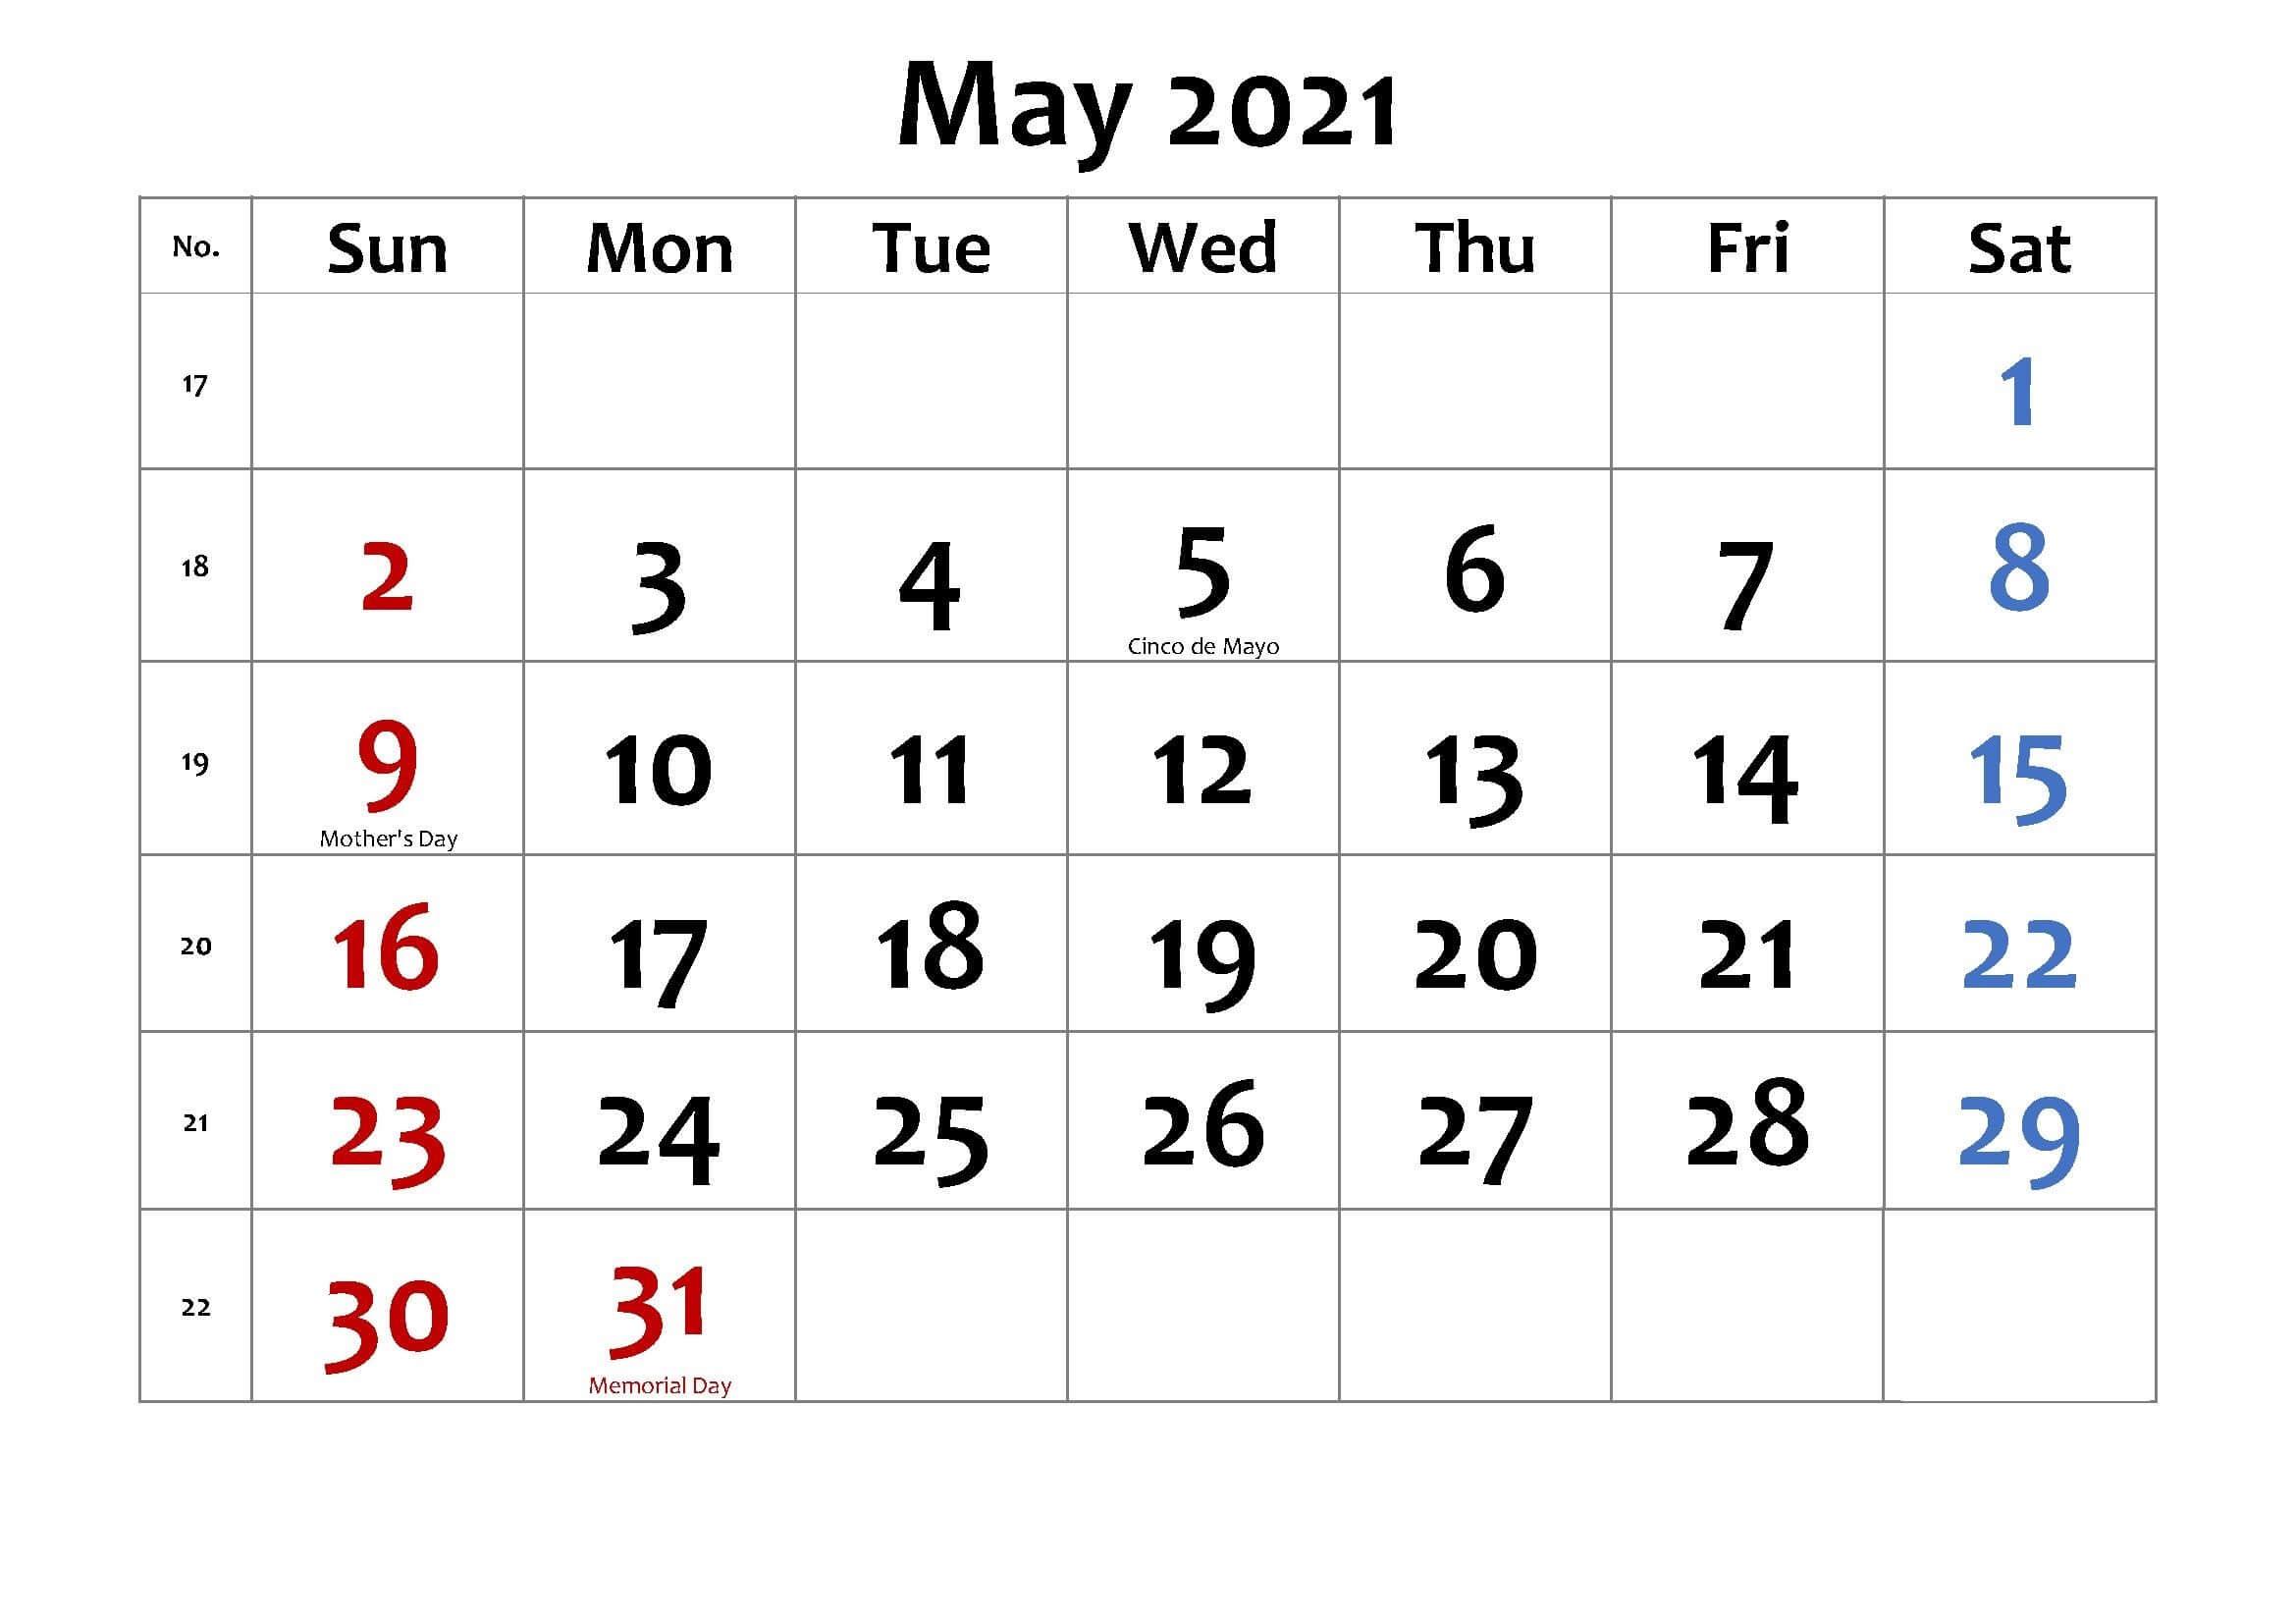 May 2021 Holidays Calendar